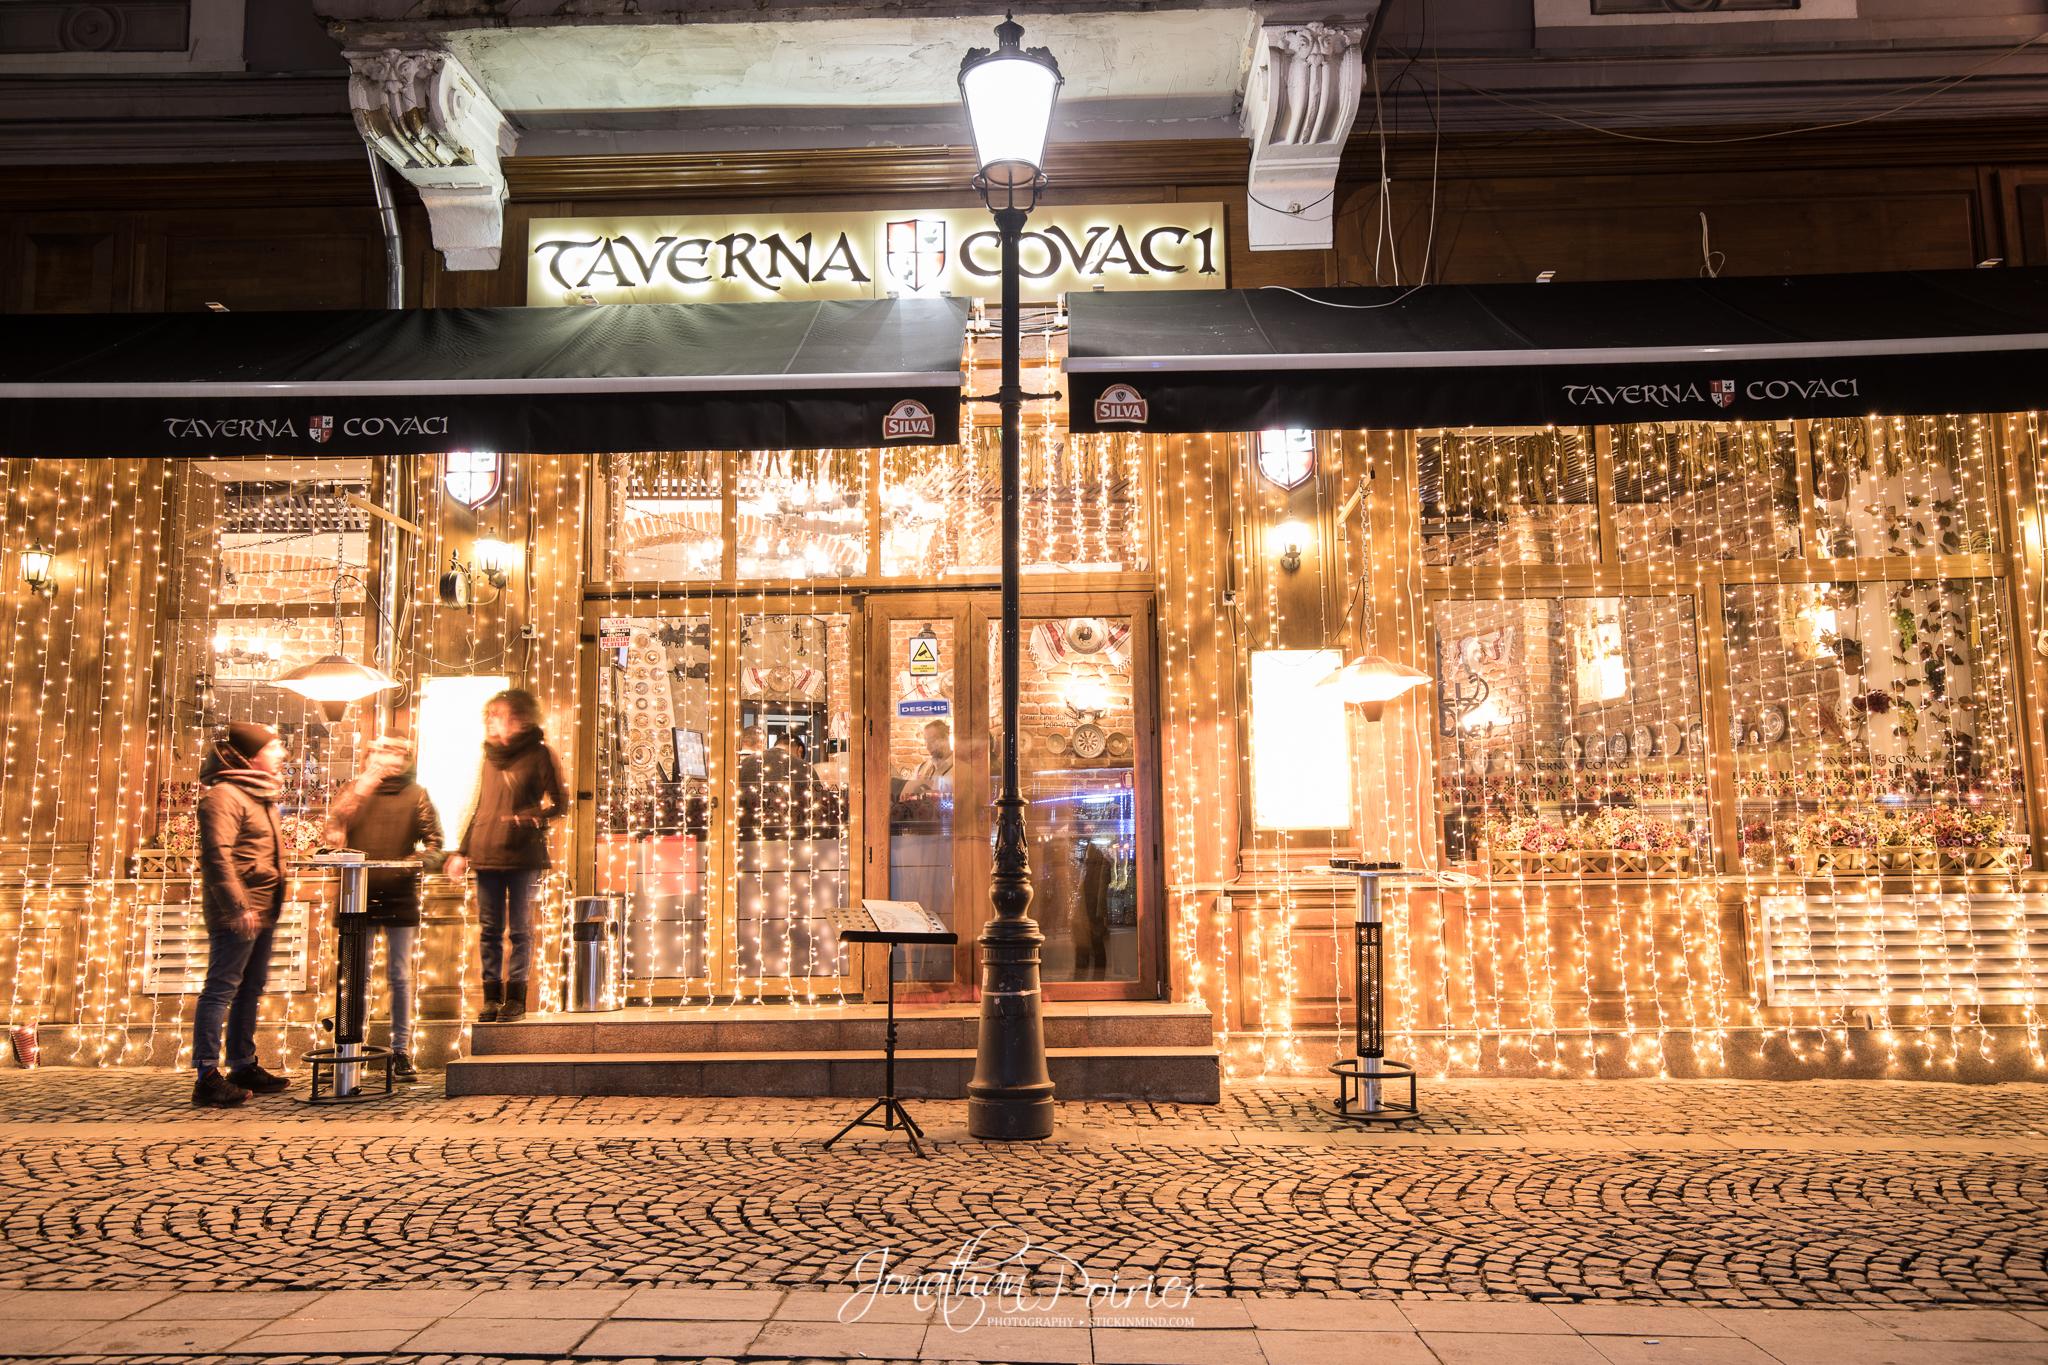 Taverna Covac1